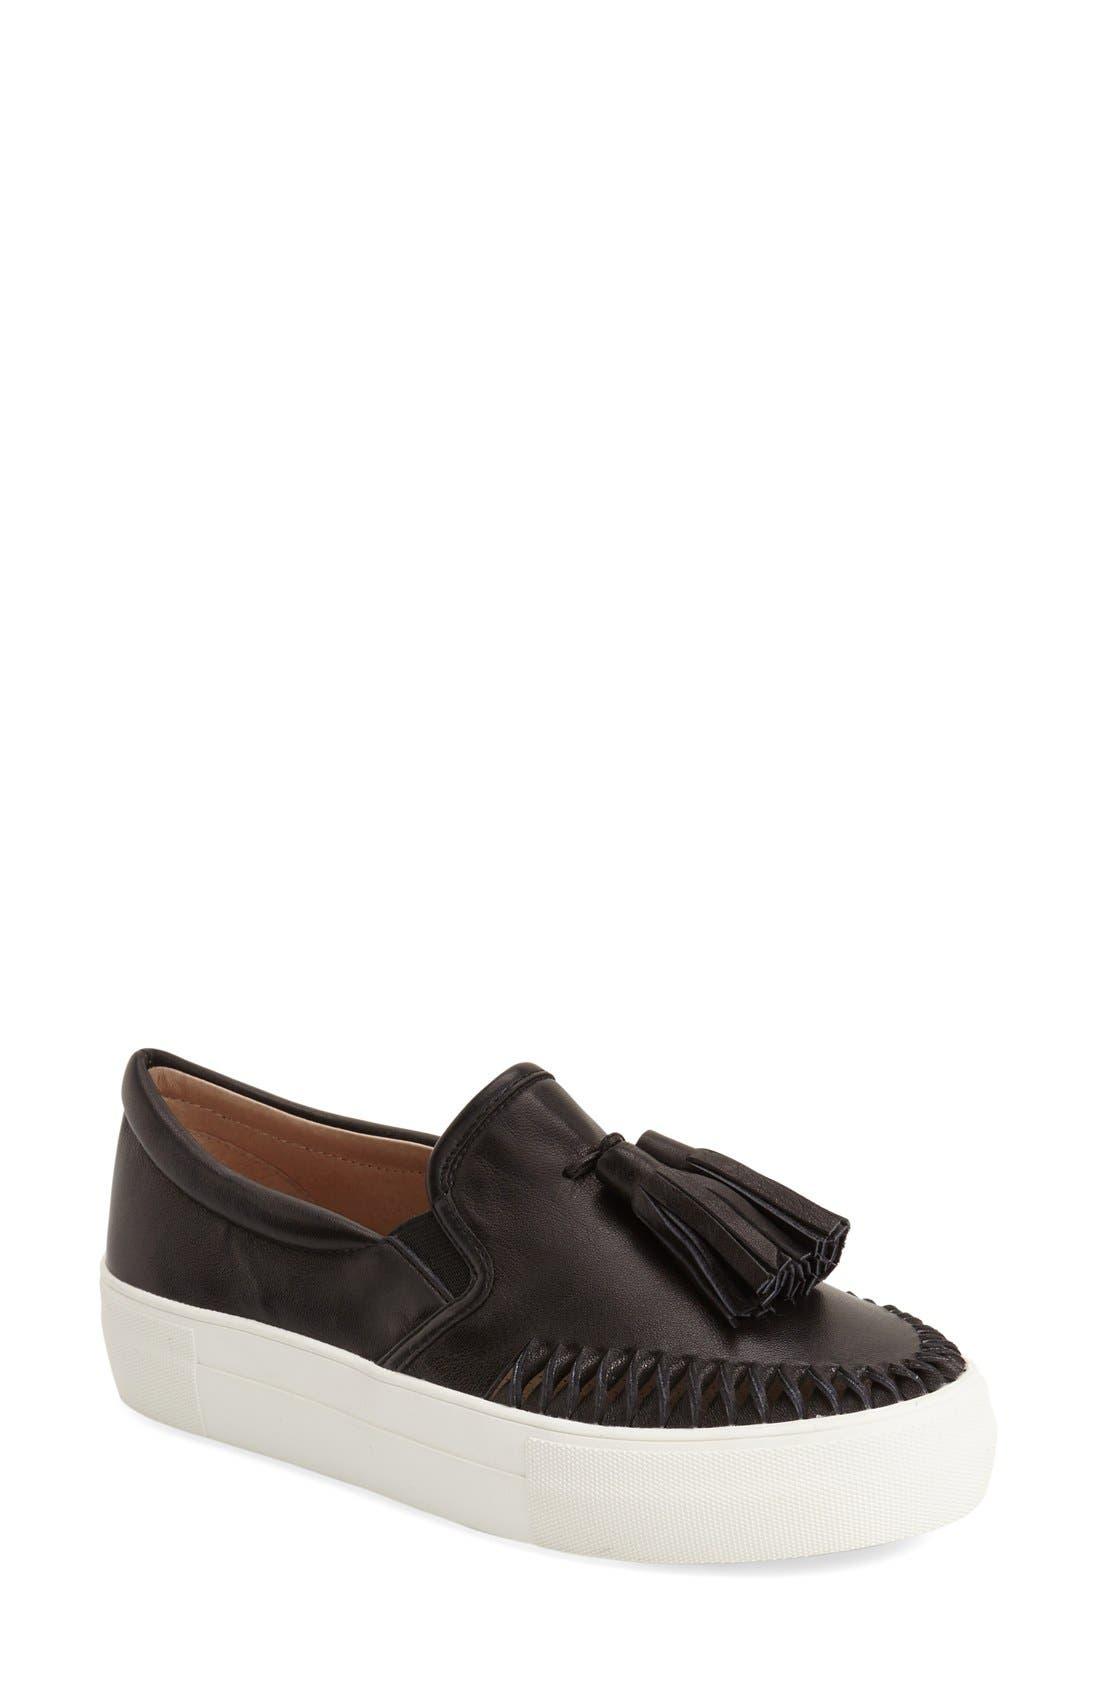 Tassel Slip-On Sneaker, Main, color, BLACK LEATHER